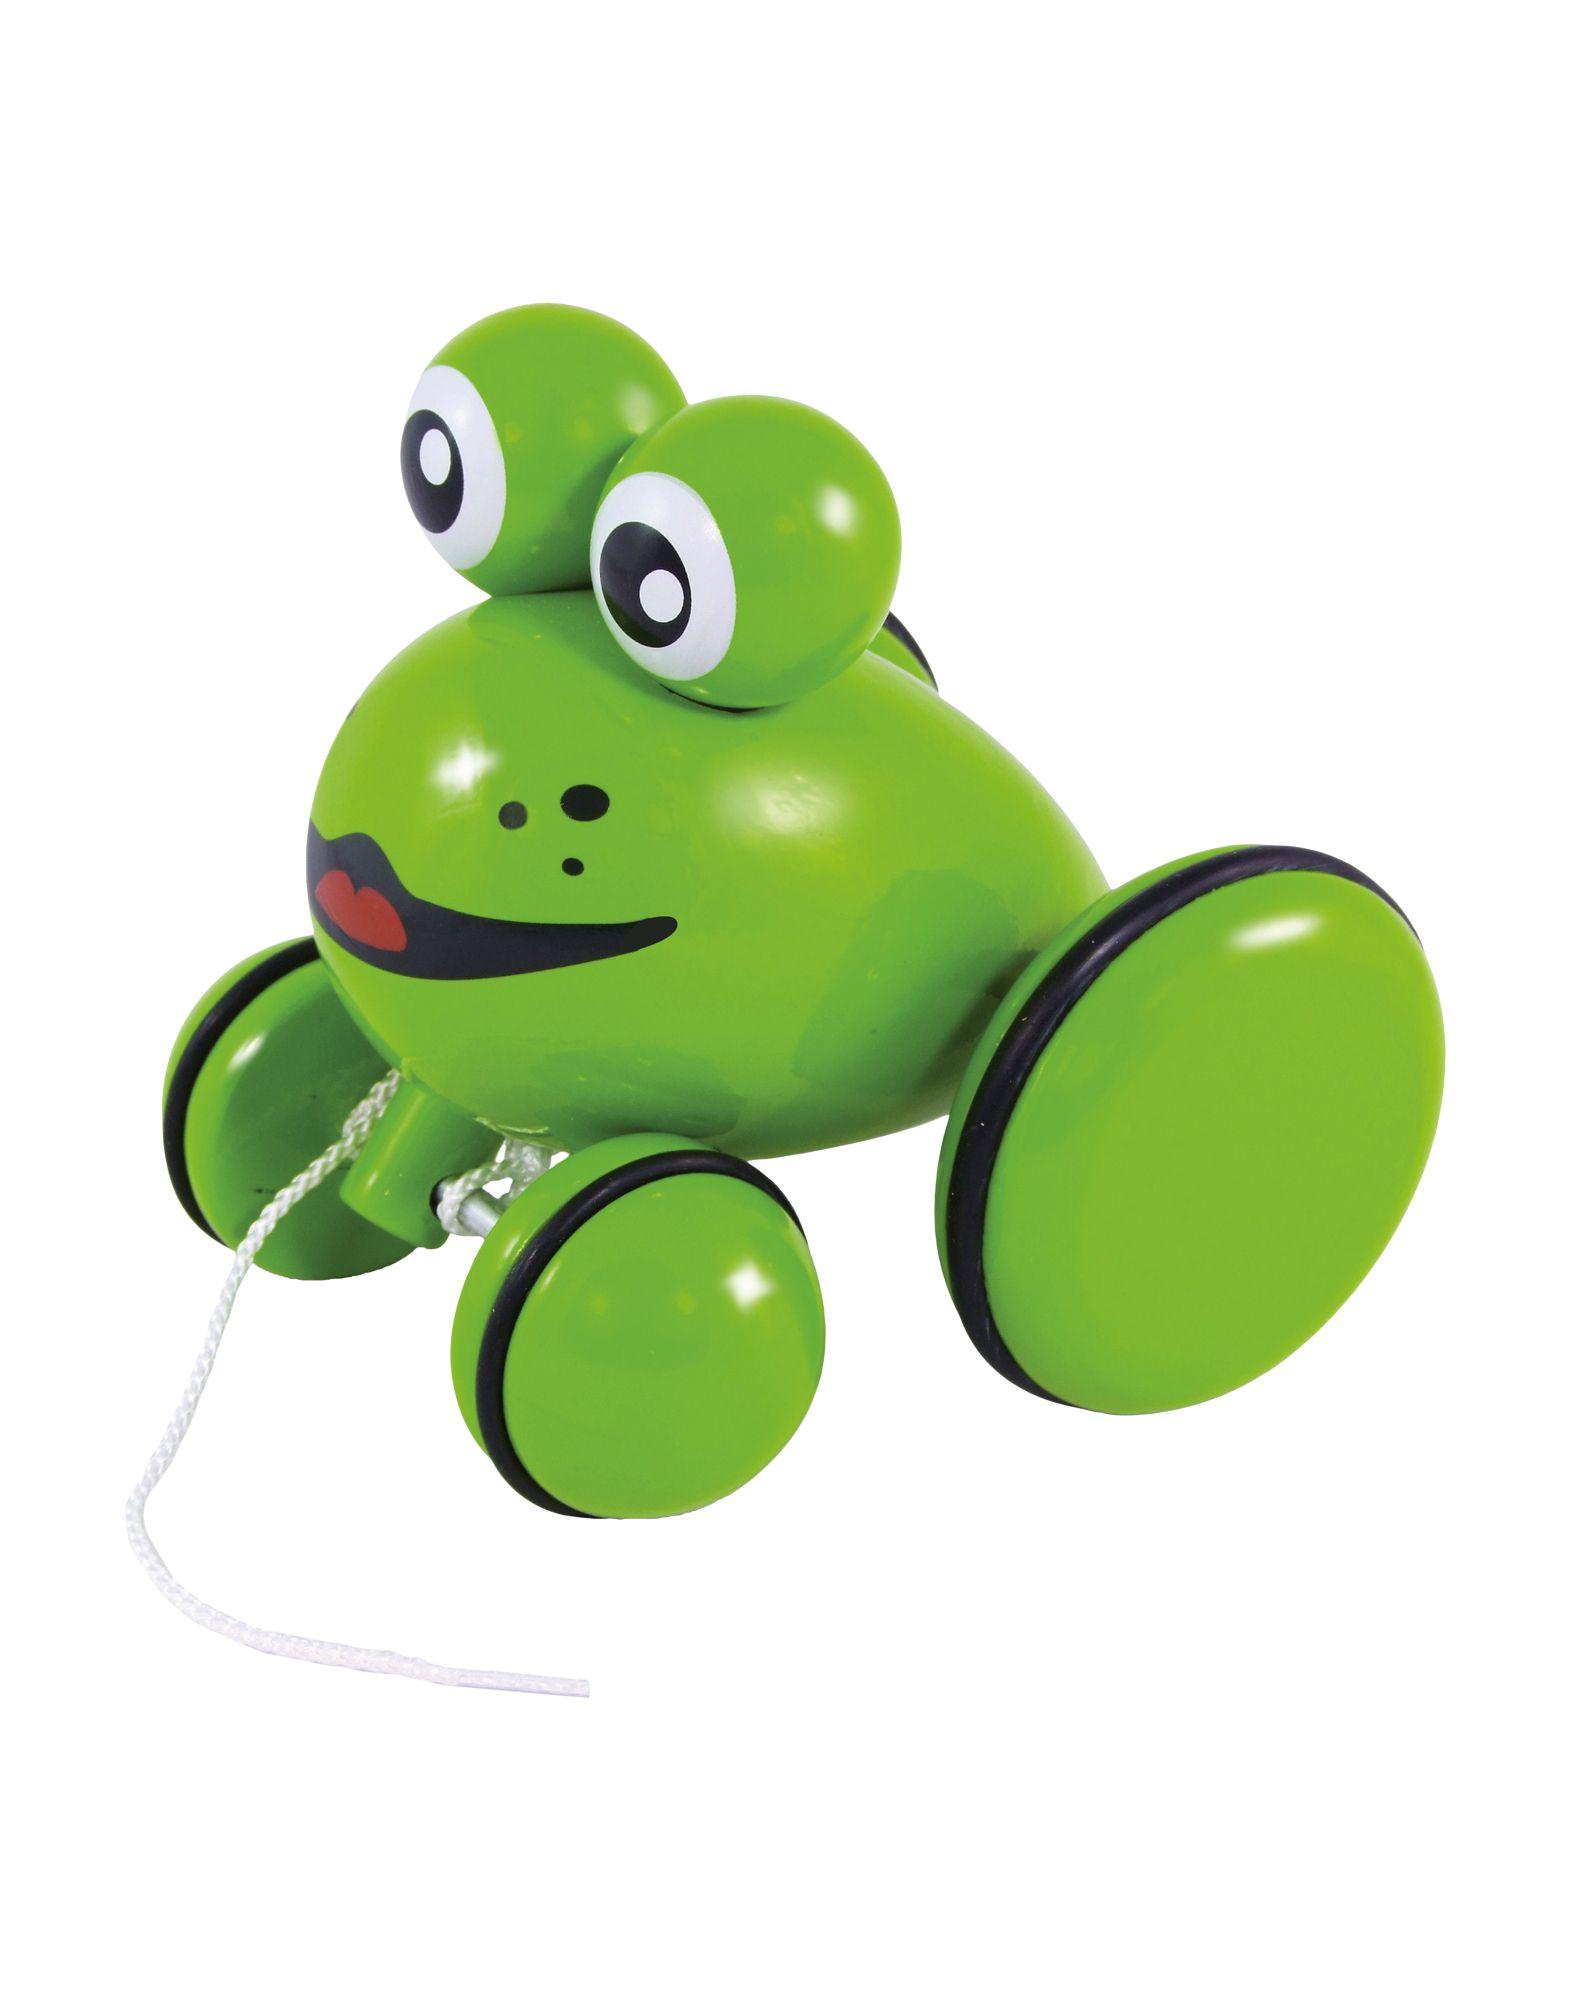 VILAC Unisex Baby- und Kinderspielzeuge Farbe Grün Größe 1